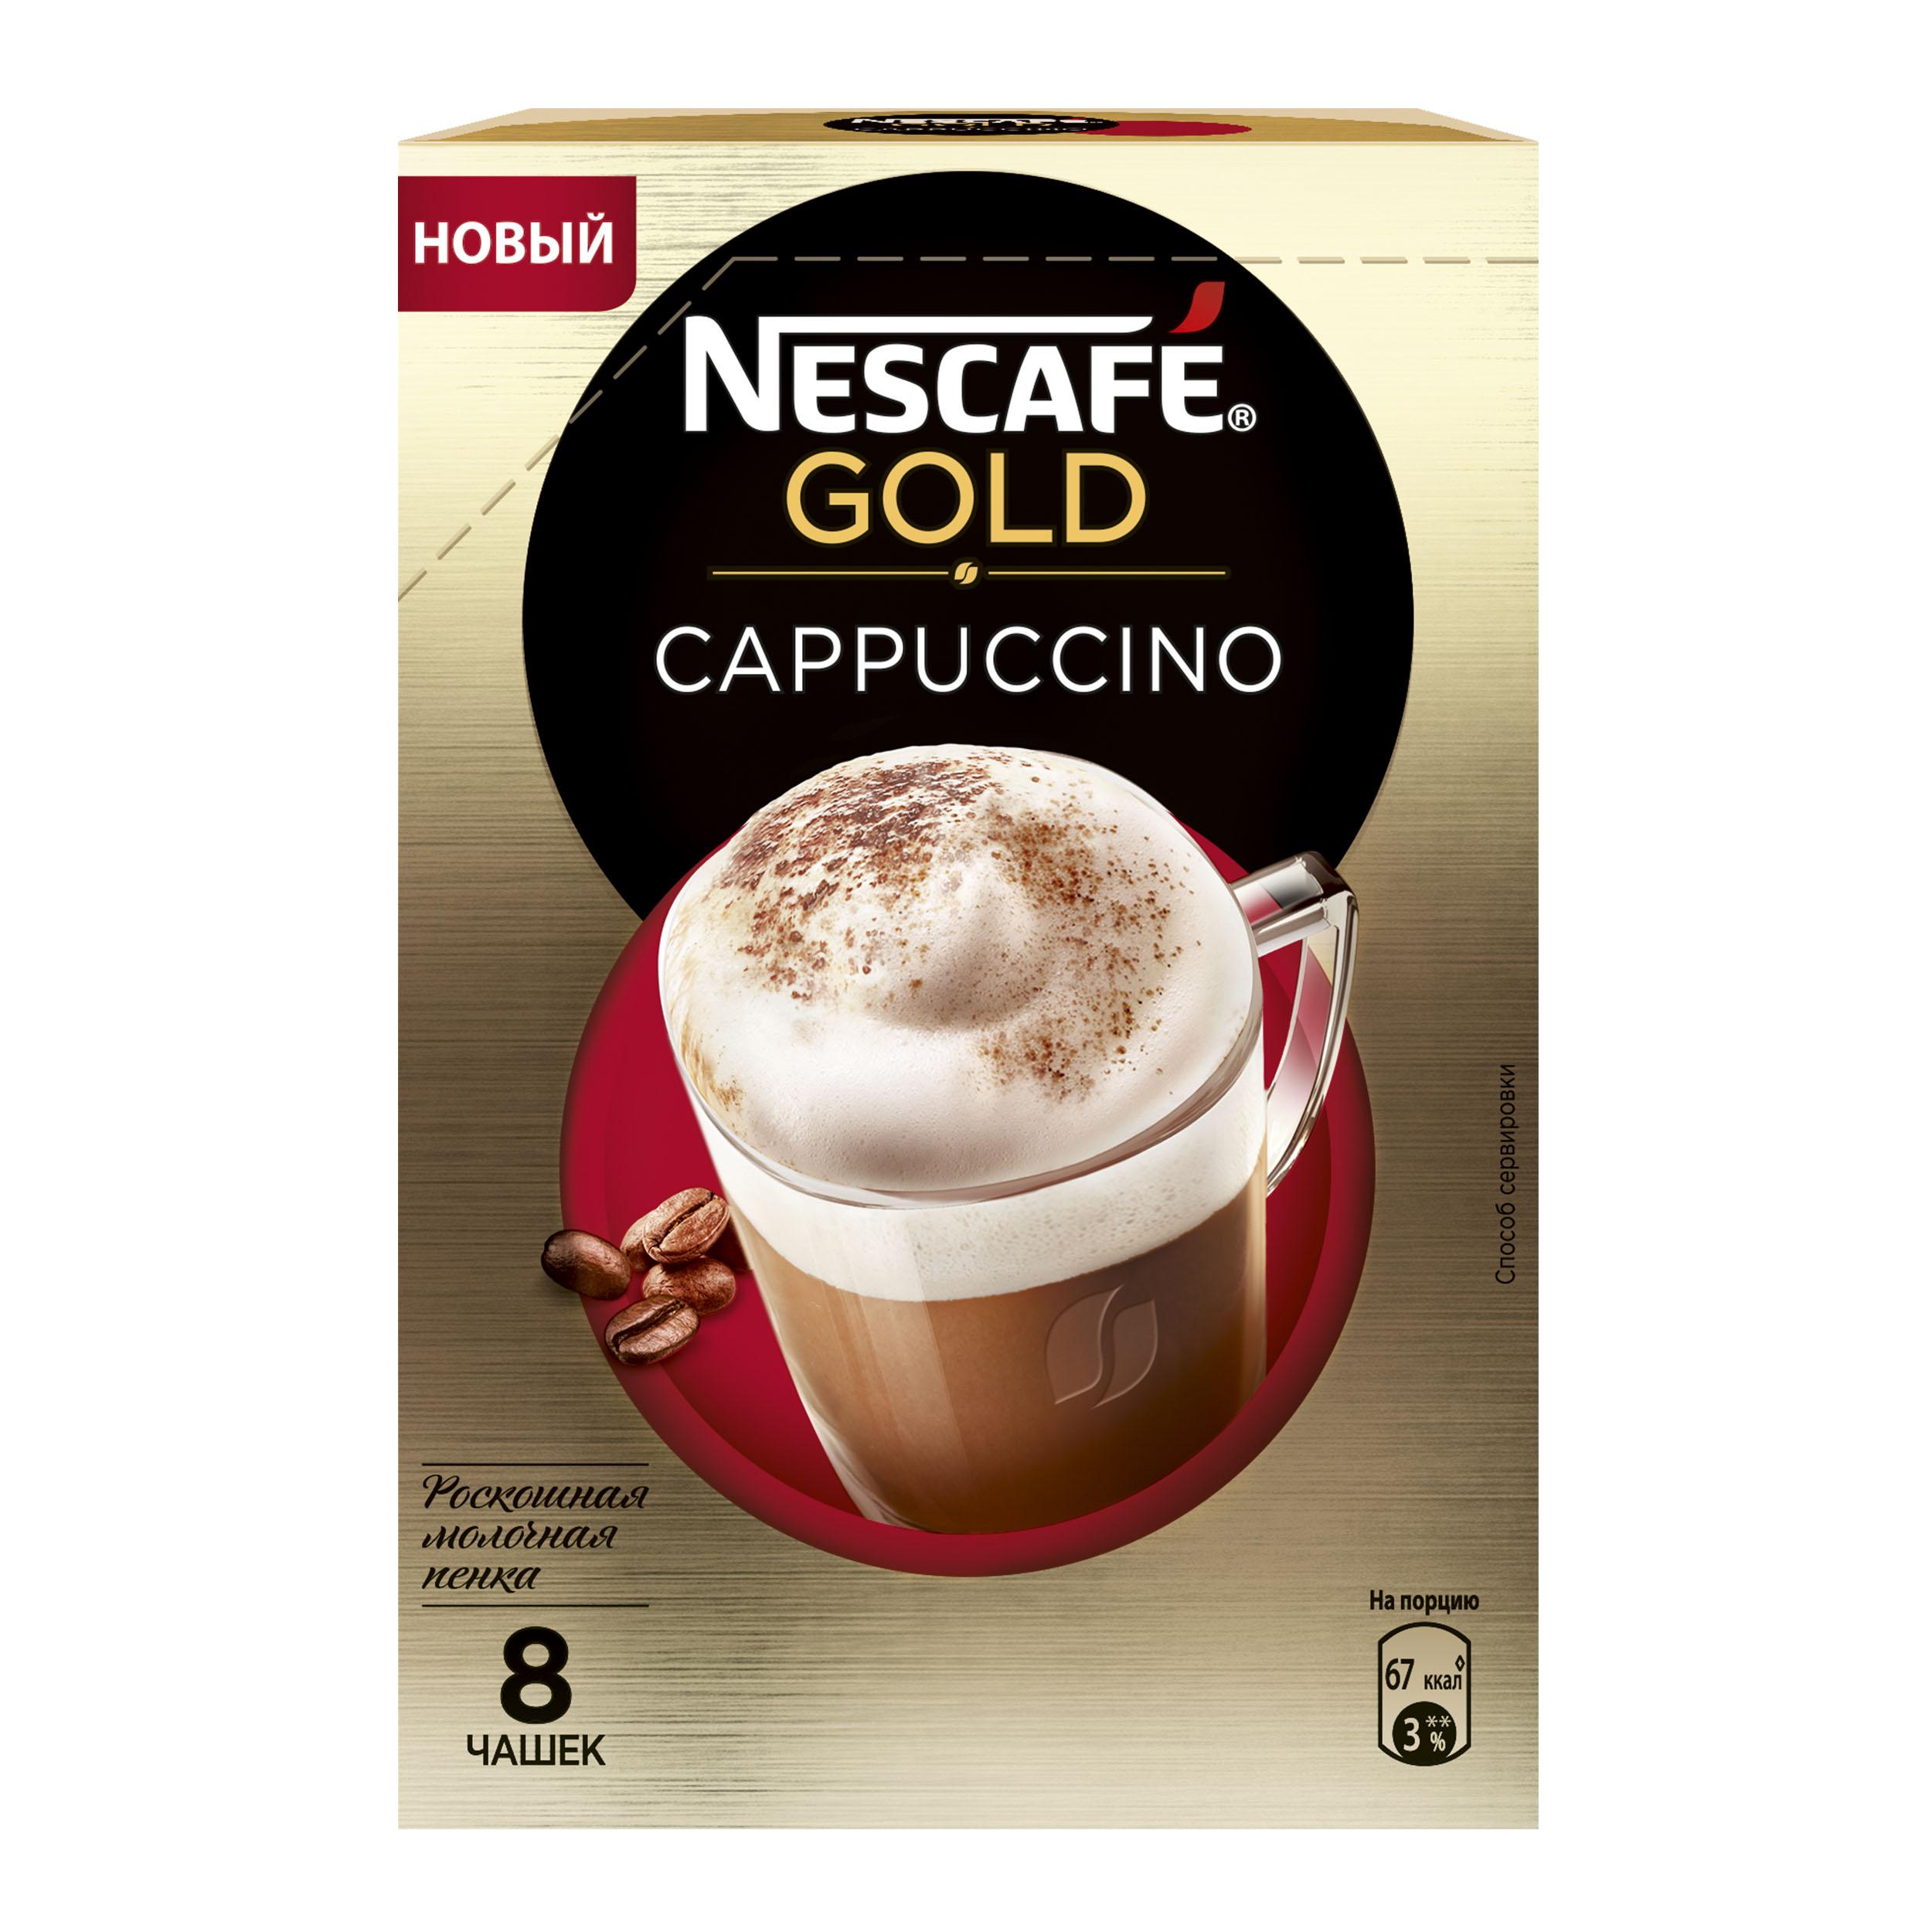 Кофе растворимый Nescafe gold cappuccino порционный 8 порций по 17 г